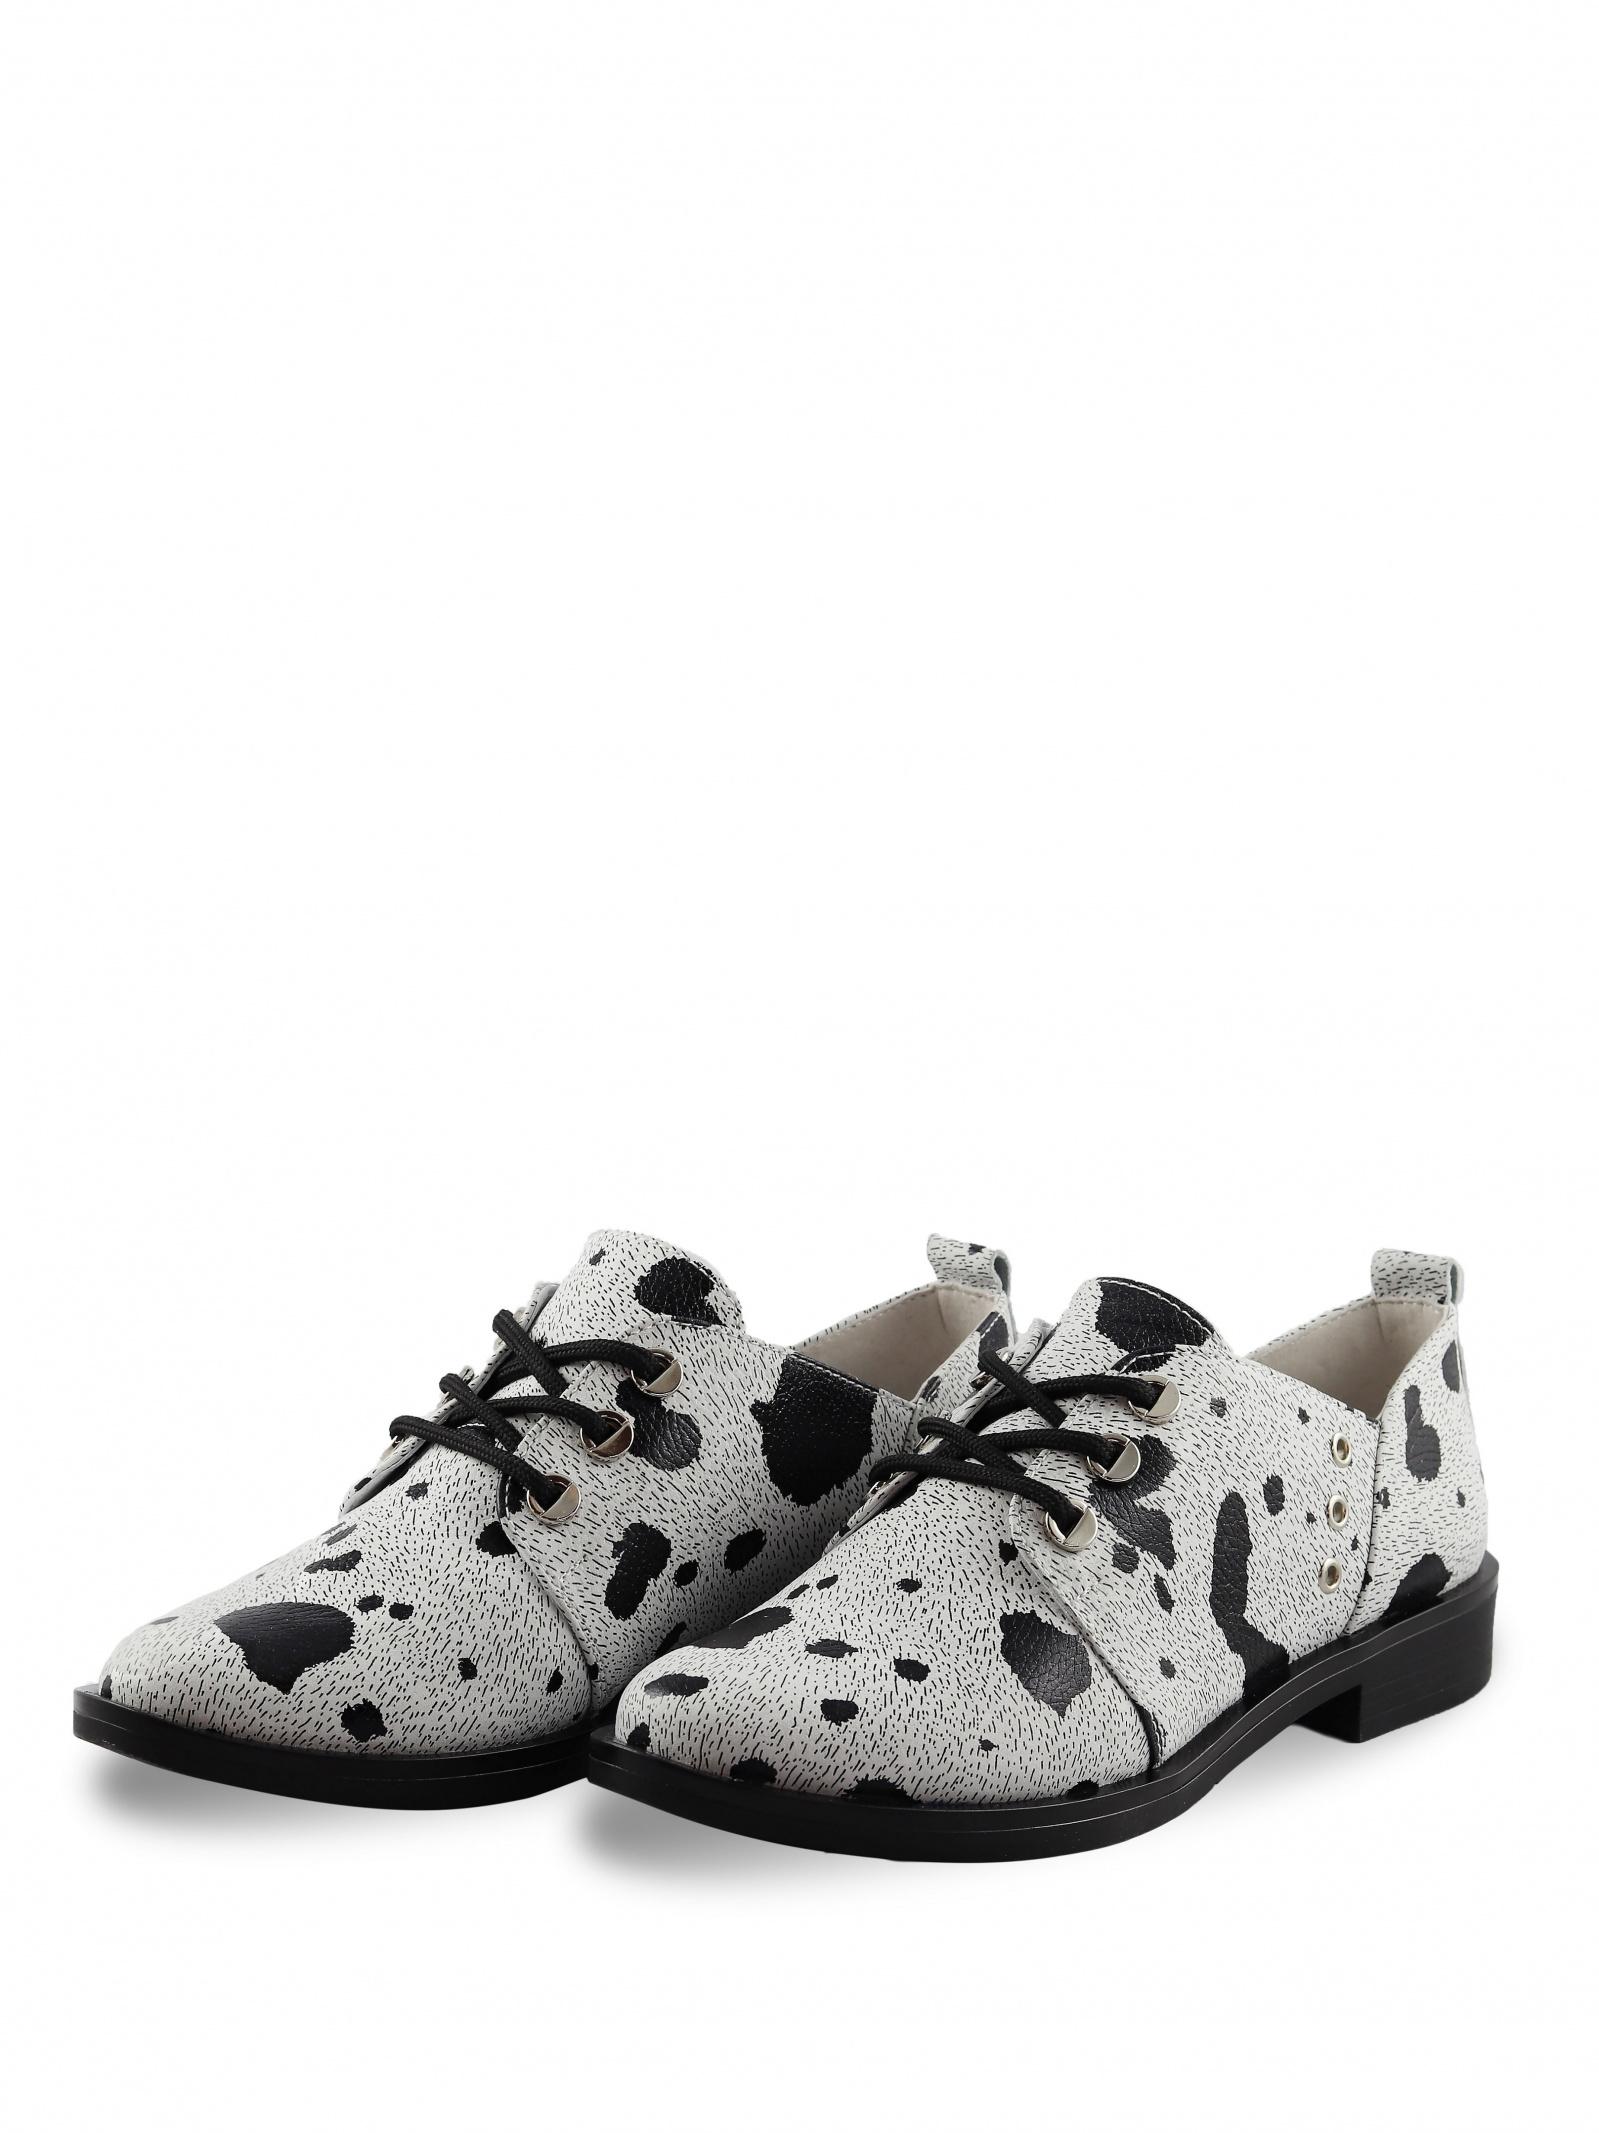 Туфлі  для жінок Wings 0057702 ціна, 2017